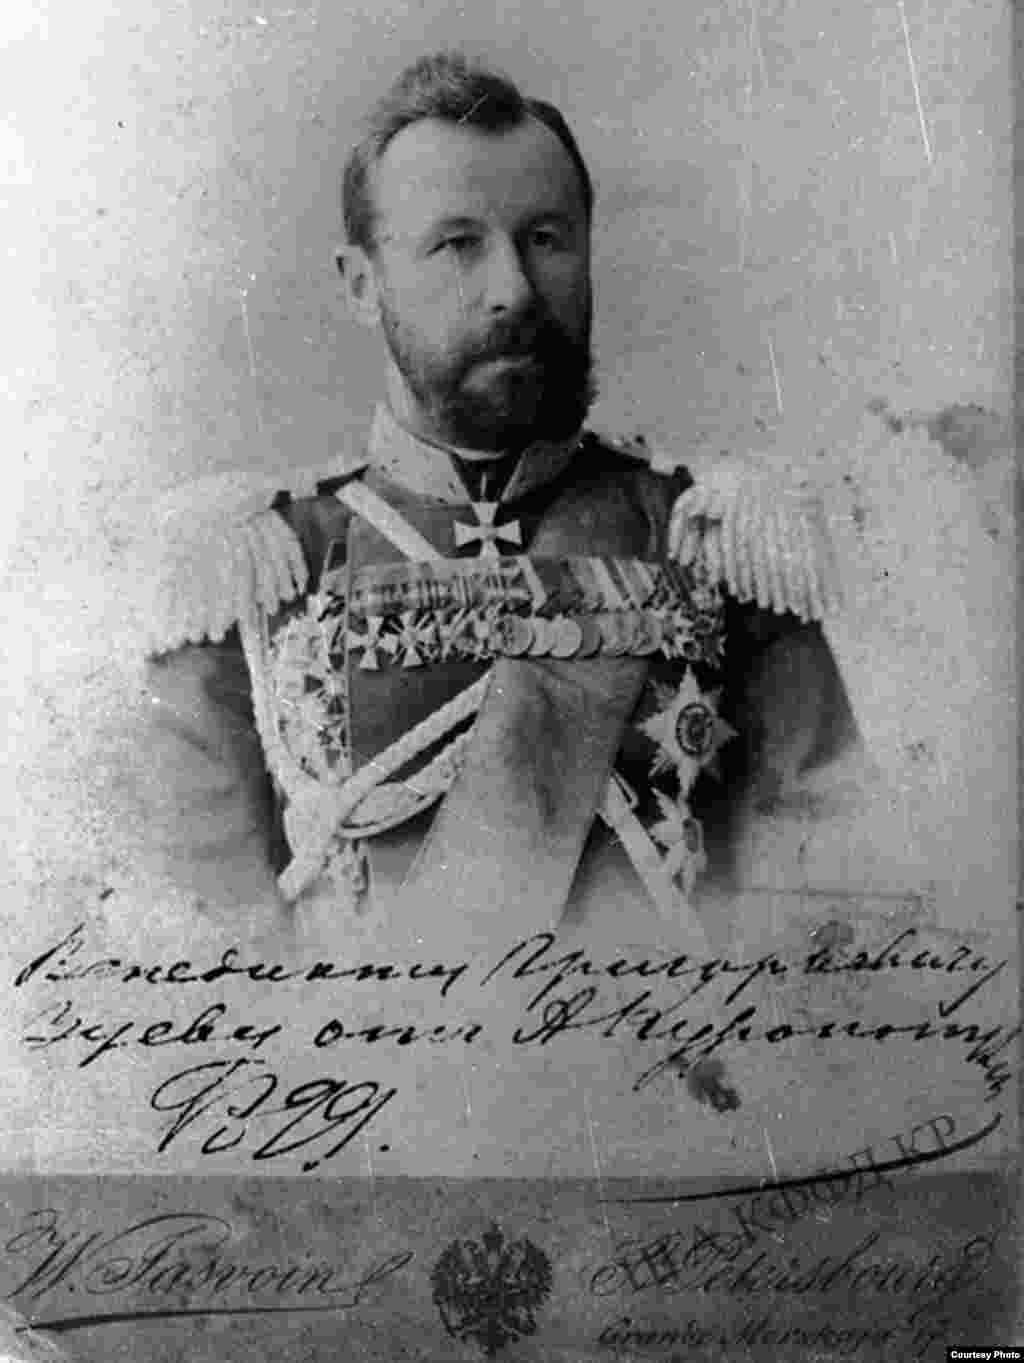 Түркестан крайынын генерал-губернатору А.Куропаткин. 1899-жыл.